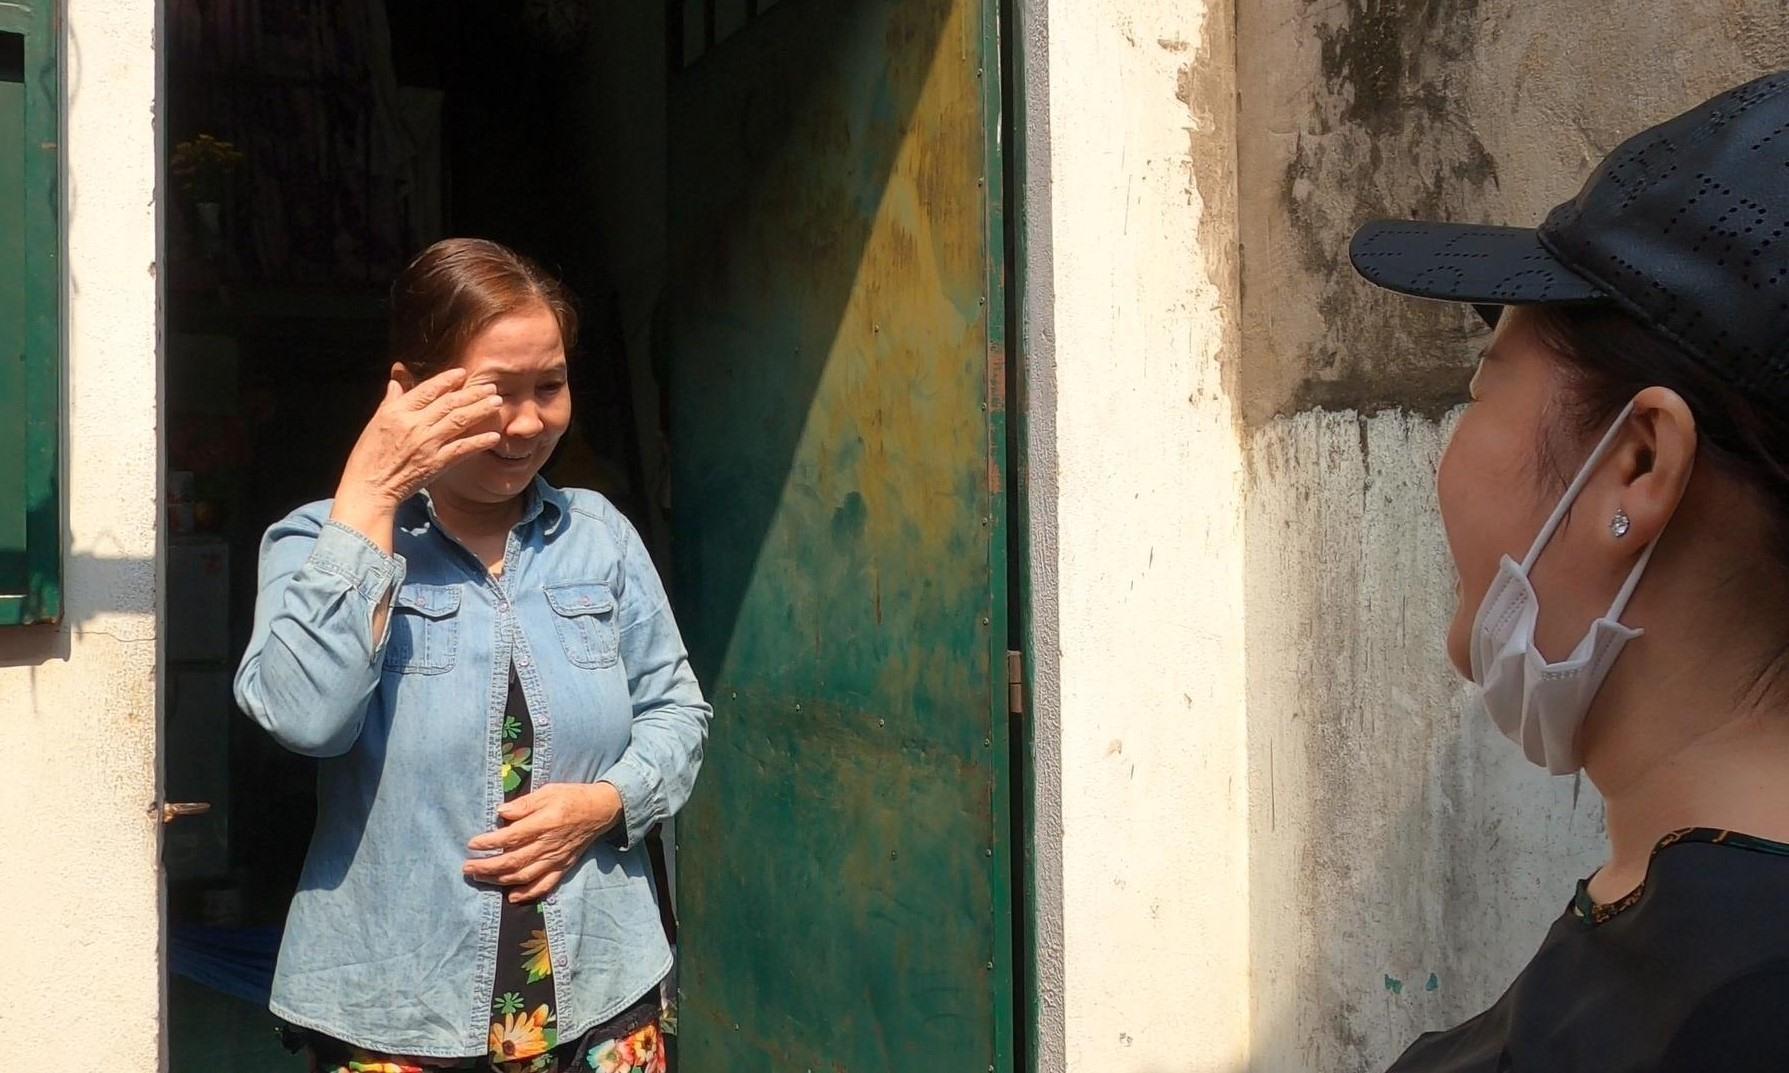 Bà Trần Thị Út (60 tuổi, quê Vĩnh Long, làm phục vụ ở quán ăn) cảm động trước tin được miễn 2 tháng tiền trọ. Ảnh: Đình Trọng